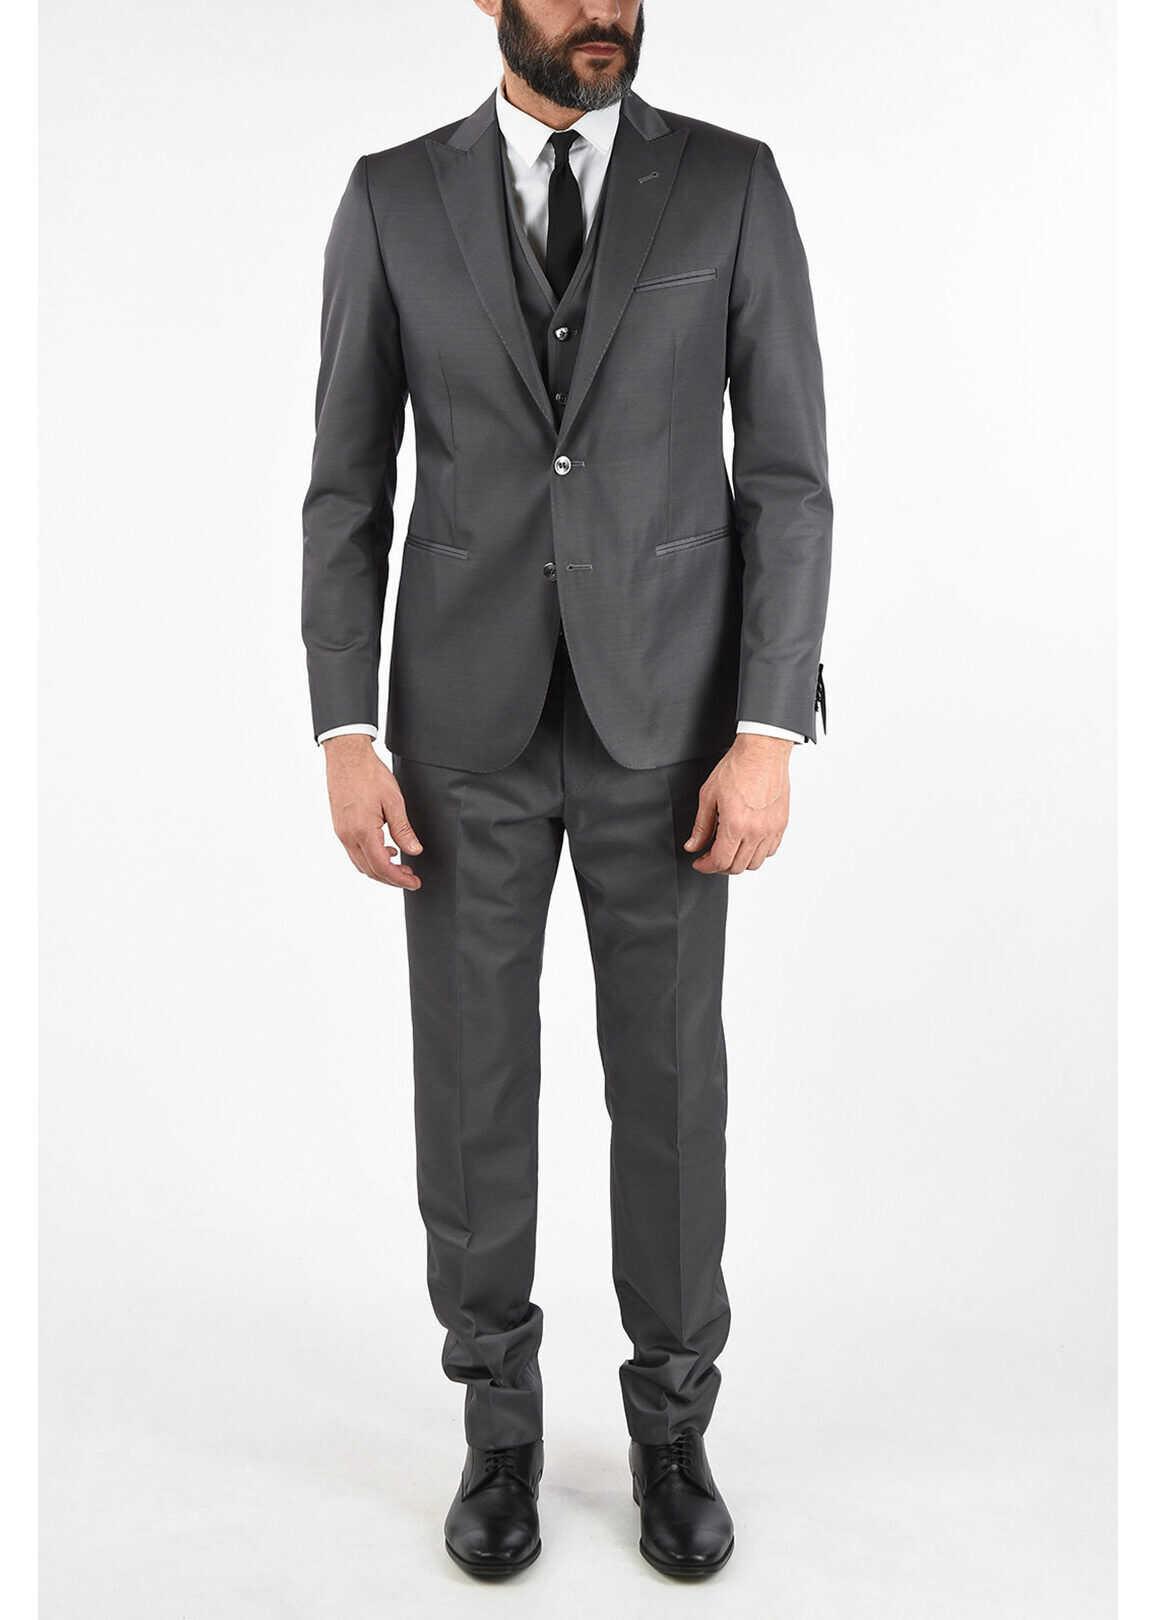 CORNELIANI CC COLLECTION CERIMONIA RESET 3 piece waistcoat suit GRAY imagine